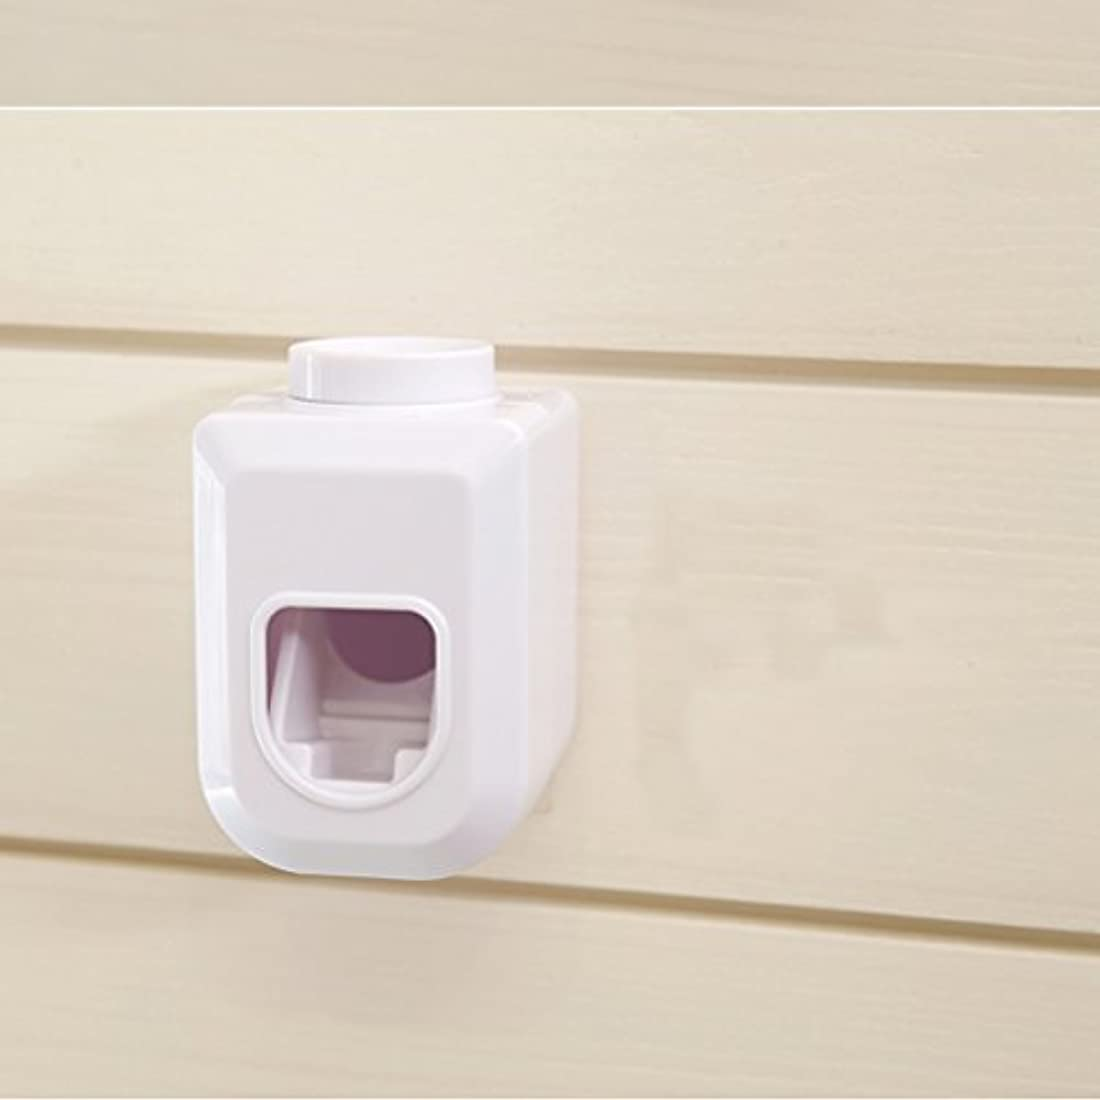 一目気付くエコーBESTOMZ ハンズフリー歯磨き粉スクイーザー, ウォールマウント自動防塵練り歯磨き粉ディスペンサー白